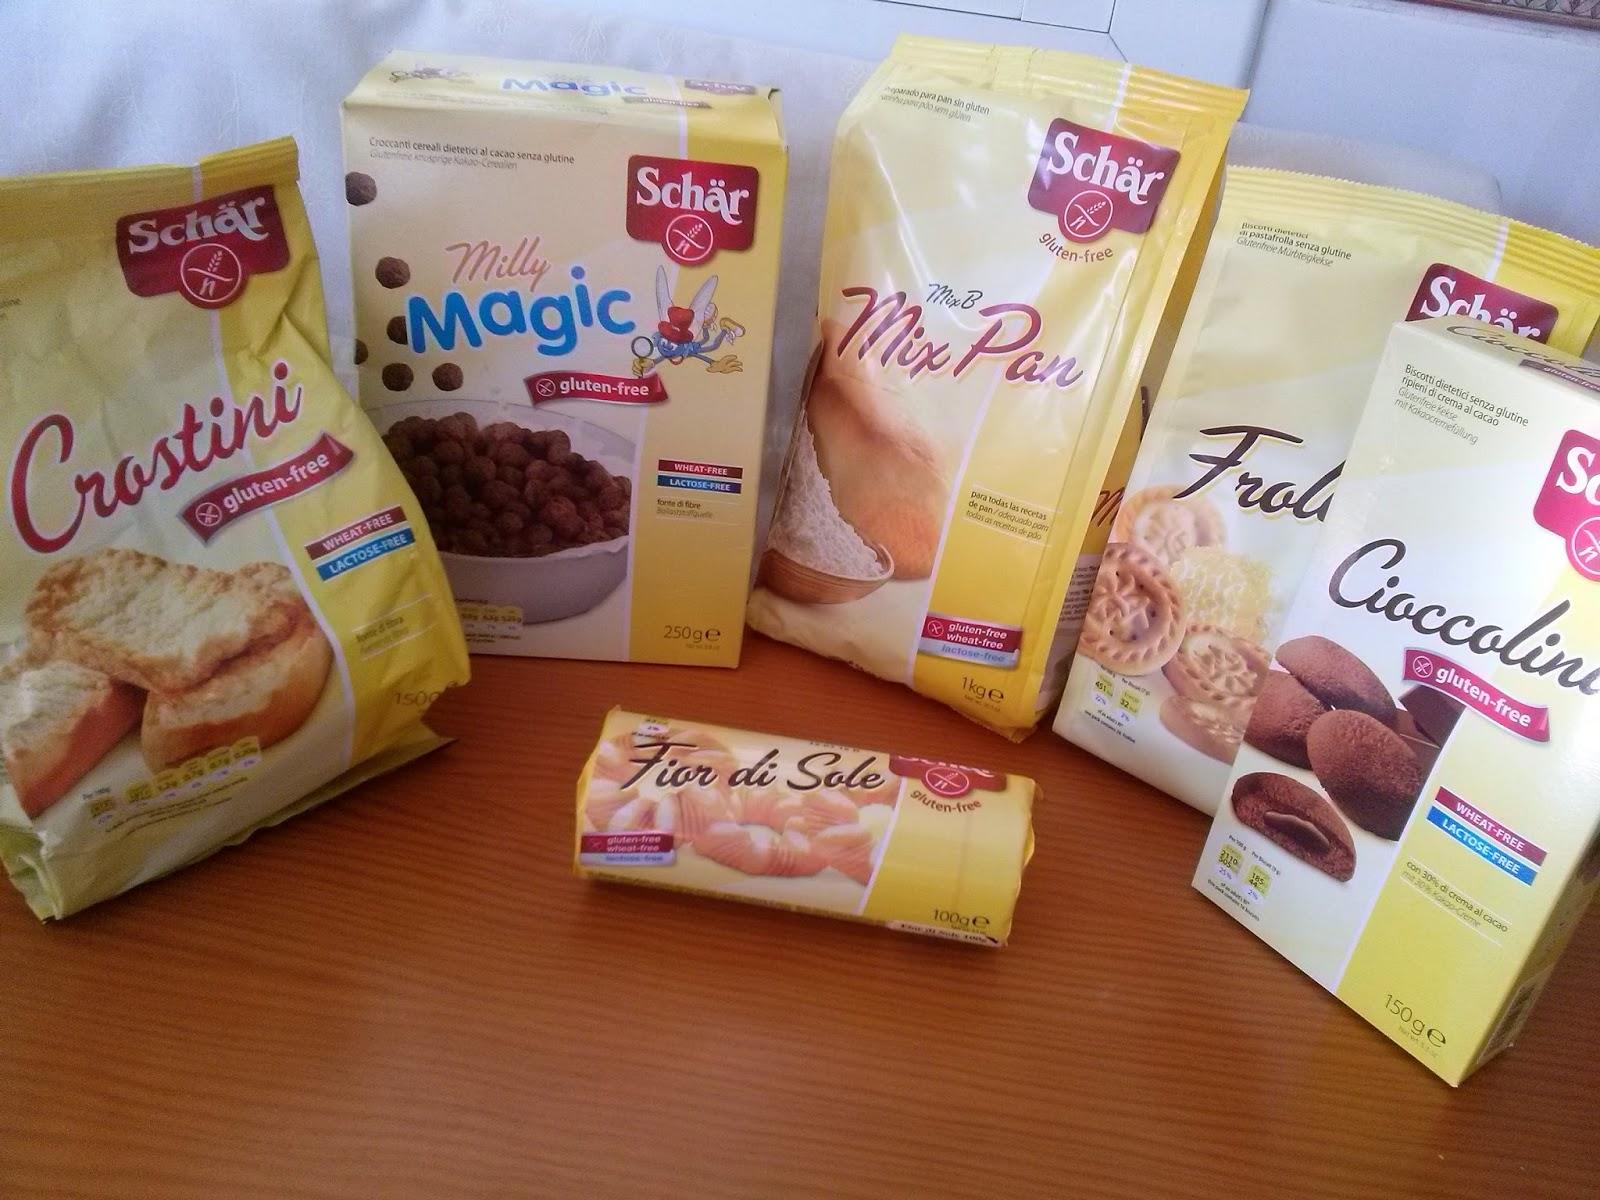 La peque a cocina de alice productos schar sin gluten y for Productos para cocina